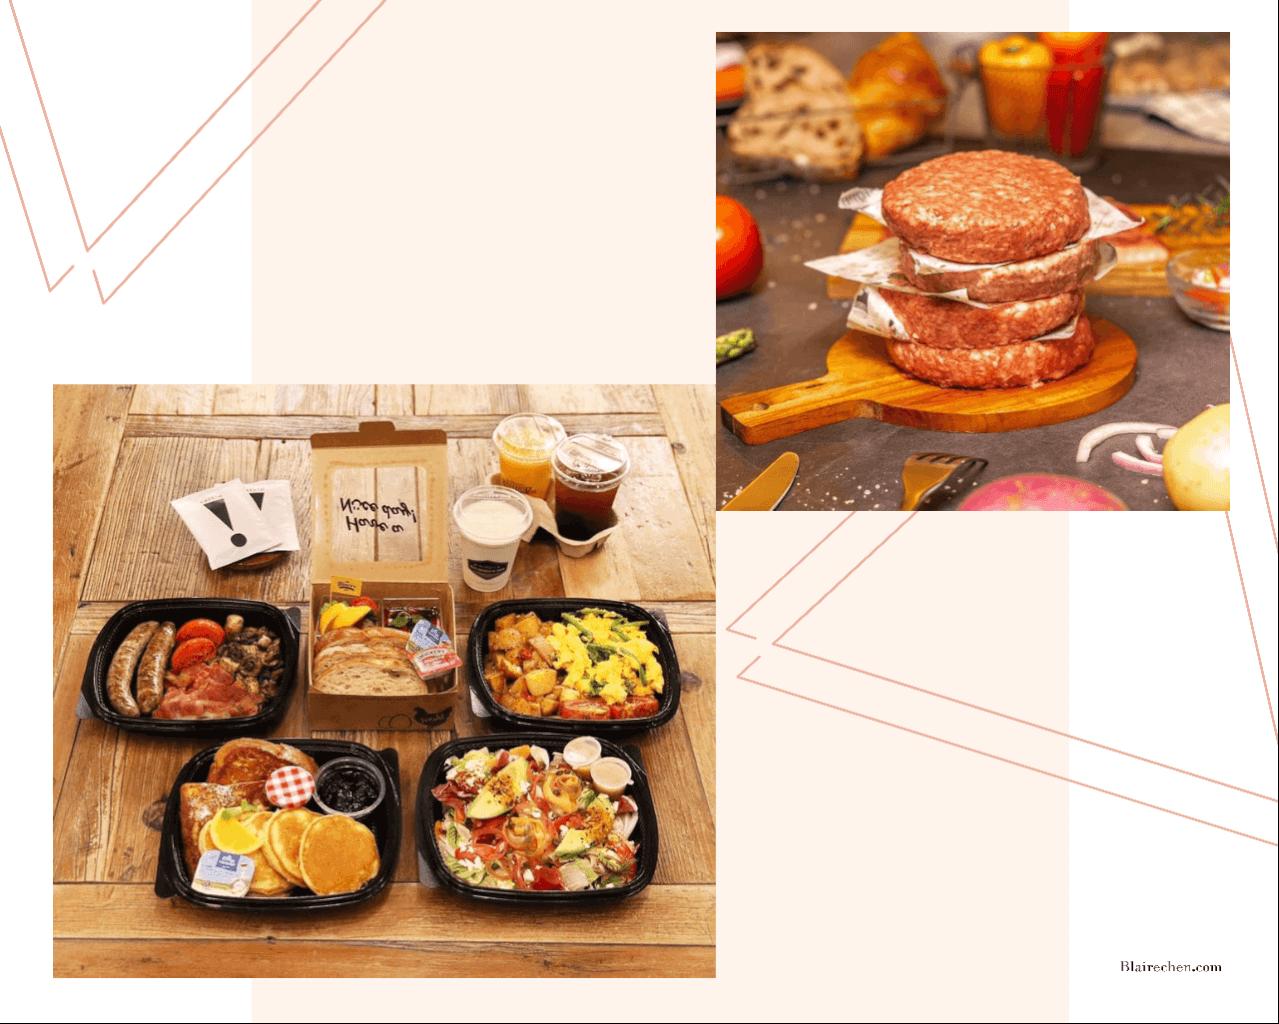 疫情期間,疫起宅家吃飯吧|無論是下午茶、甜點、早午晚餐,提供外帶、外送還有宅配服務的精選美食,都在這裡!